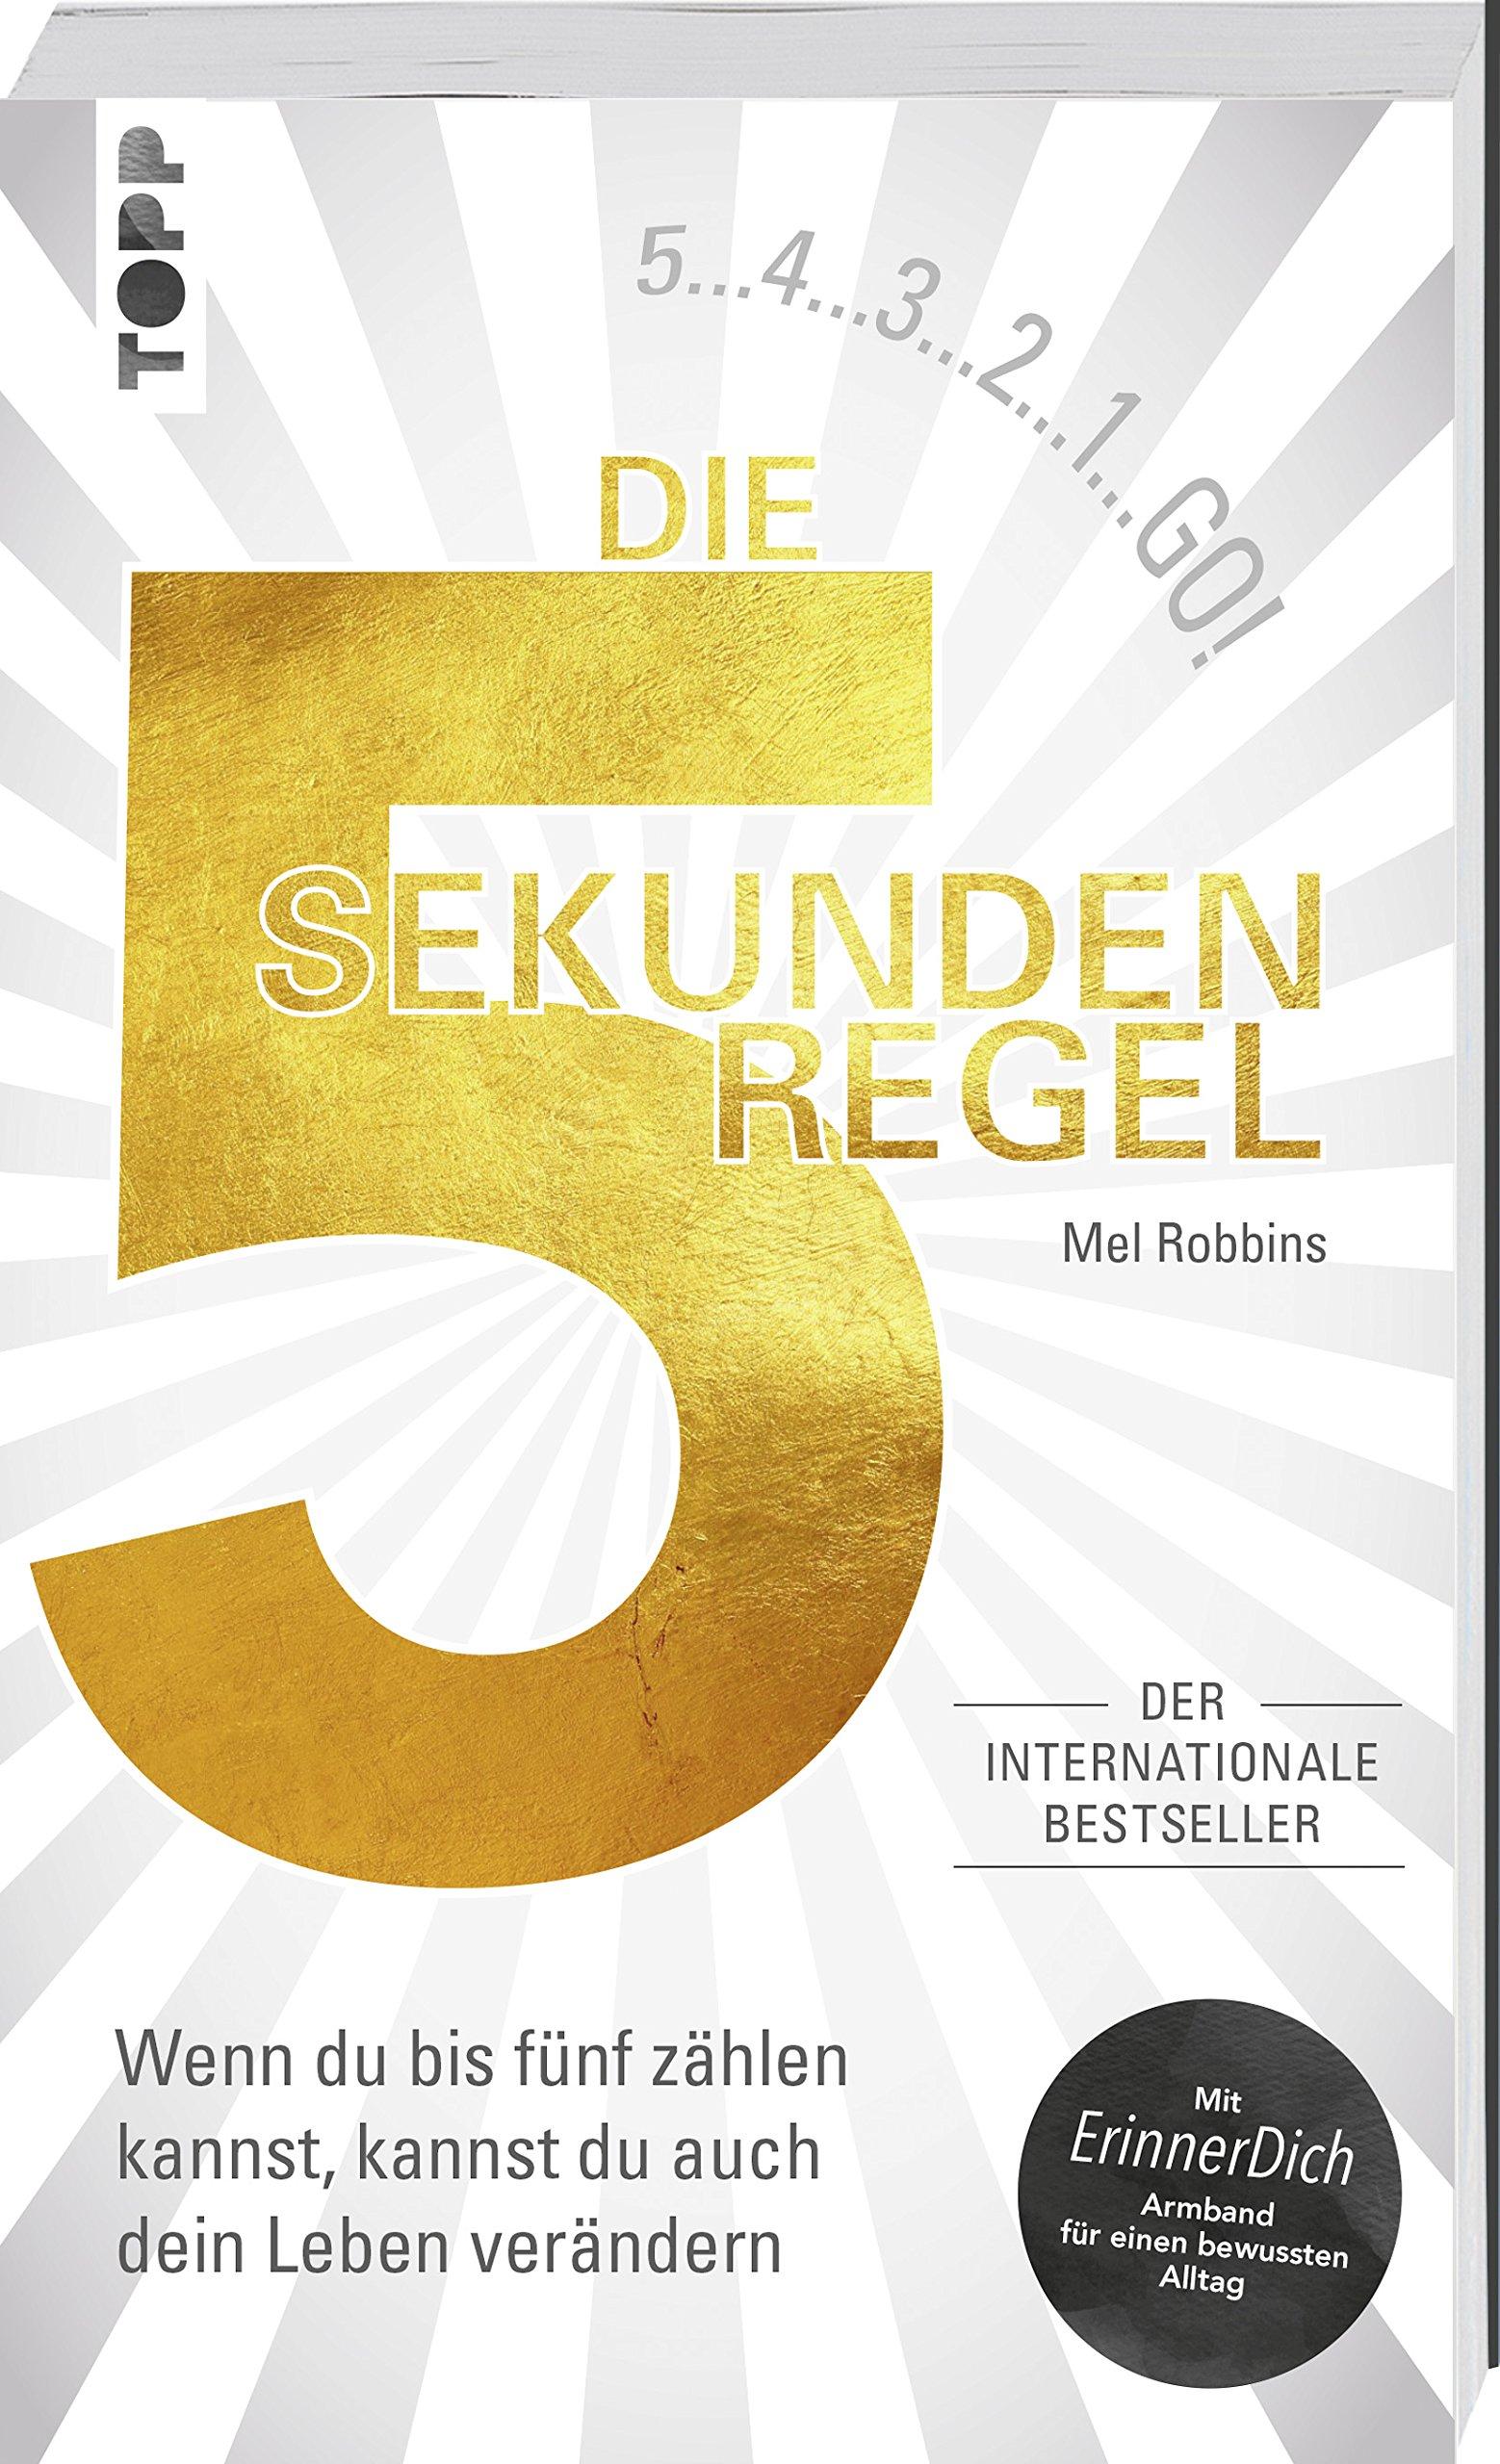 Die 5 Sekunden Regel: Wenn du bis 5 zählen kannst, kannst du auch dein Leben verändern. Der internationale Bestseller. Mit ErinnerDich Armband für einen bewussten Alltag